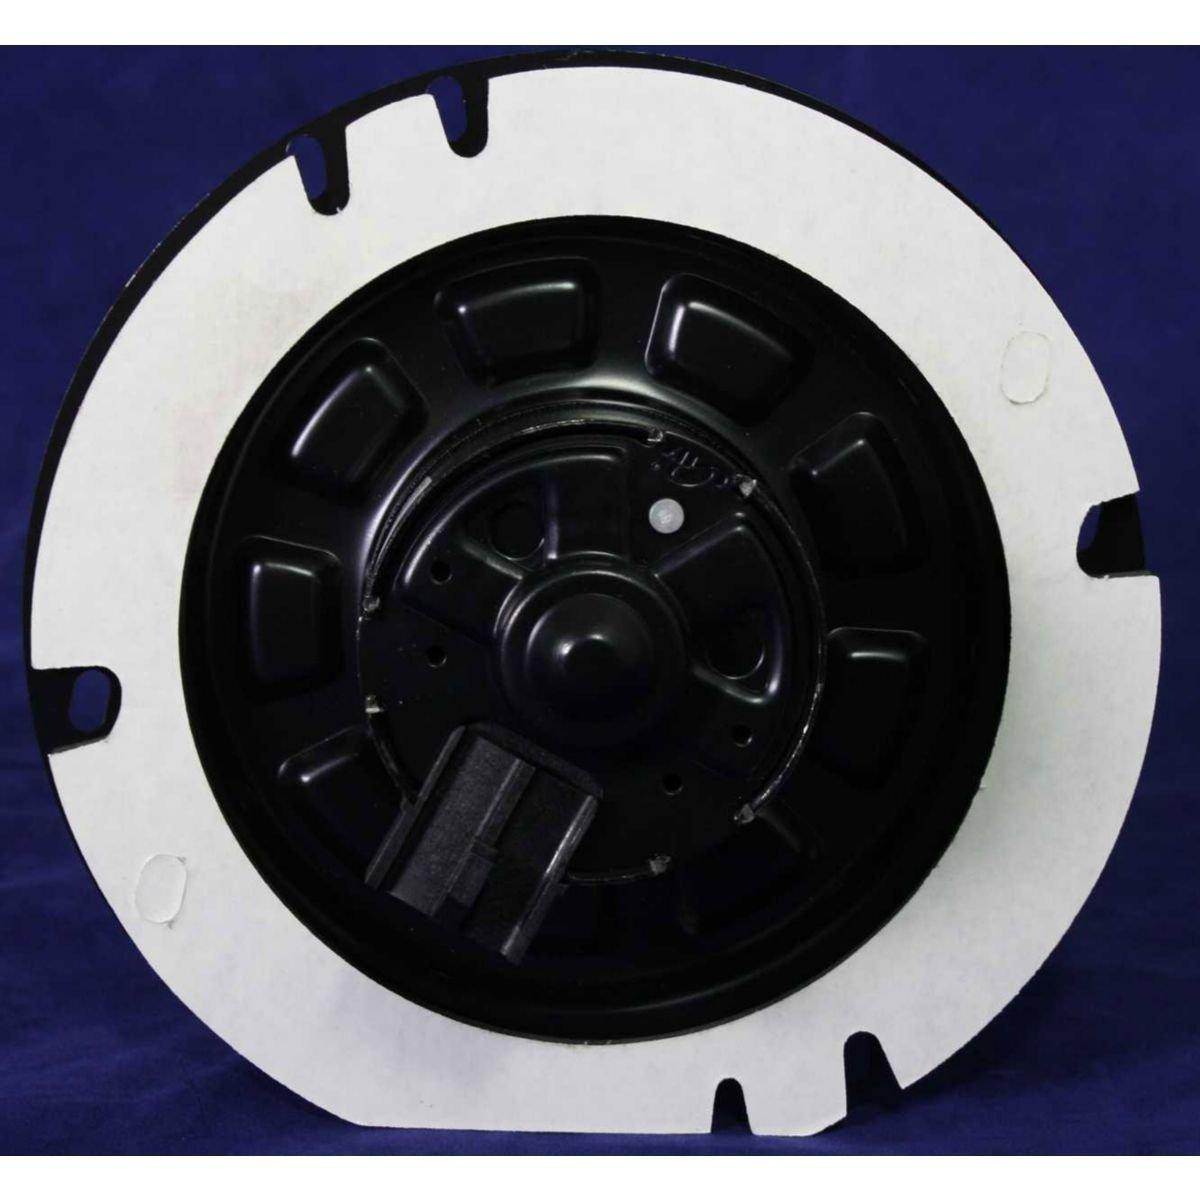 diften 615-a0051-x01 - nuevo motor del ventilador trasero negro E350 Van marca E150 E250 E450 Econoline E550 Ford: Amazon.es: Coche y moto